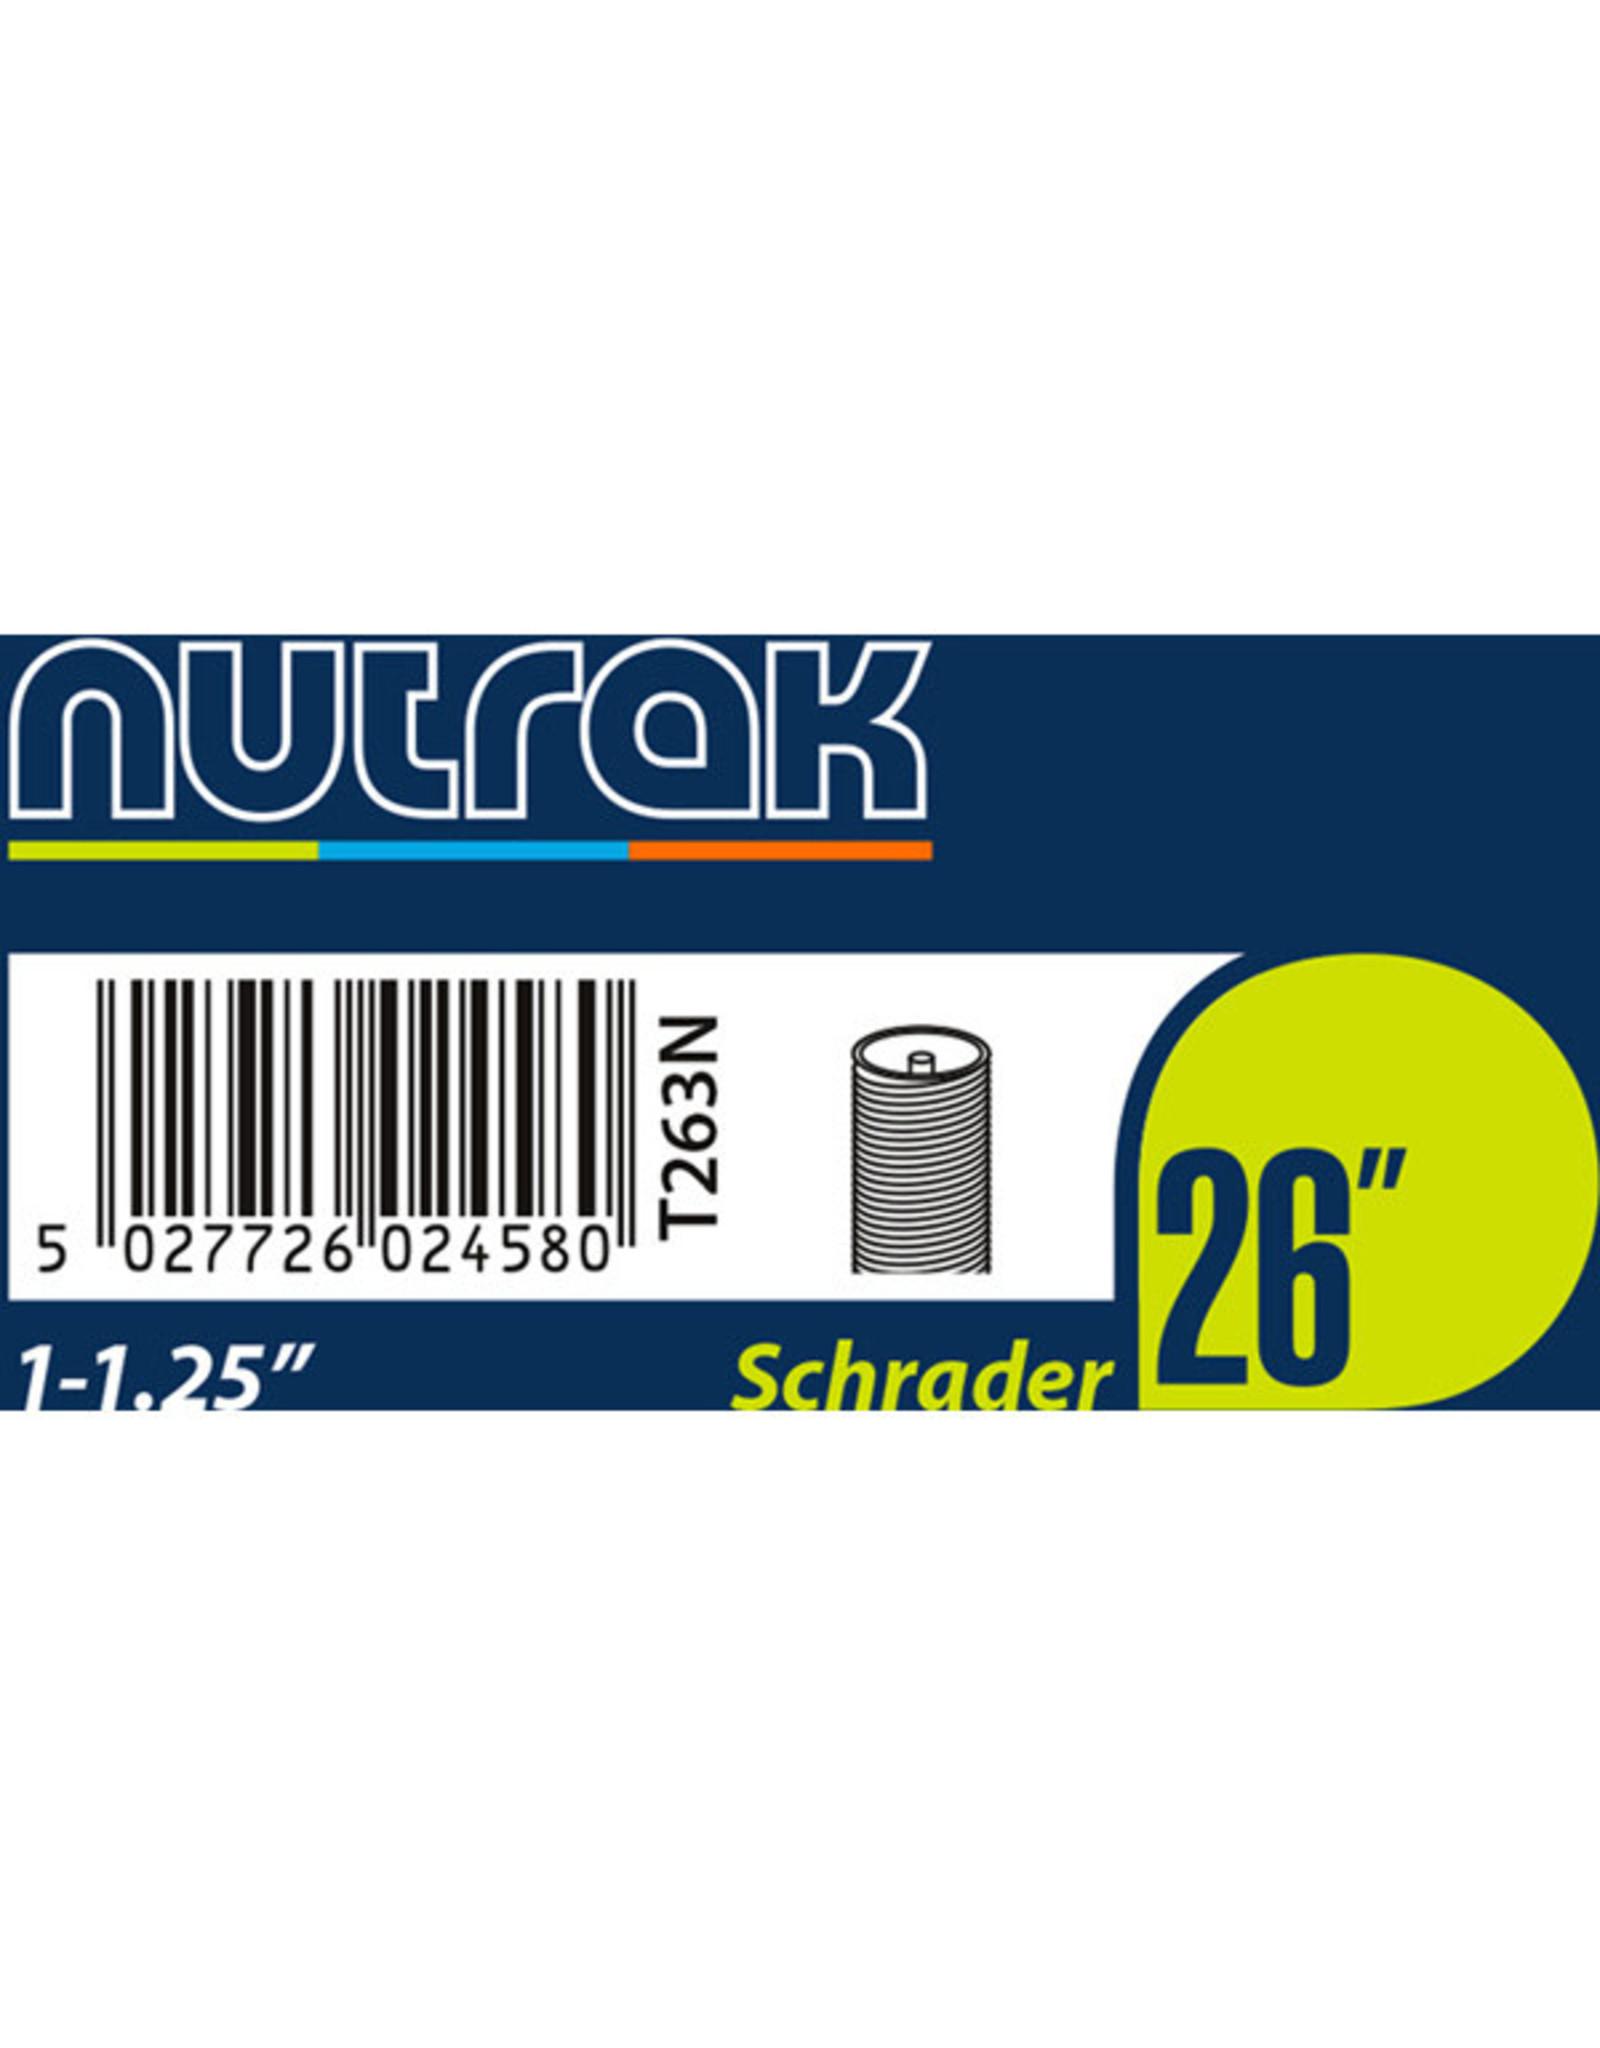 Nutrak Inner Tube Schrader Nutrak 26 x 1-1.25